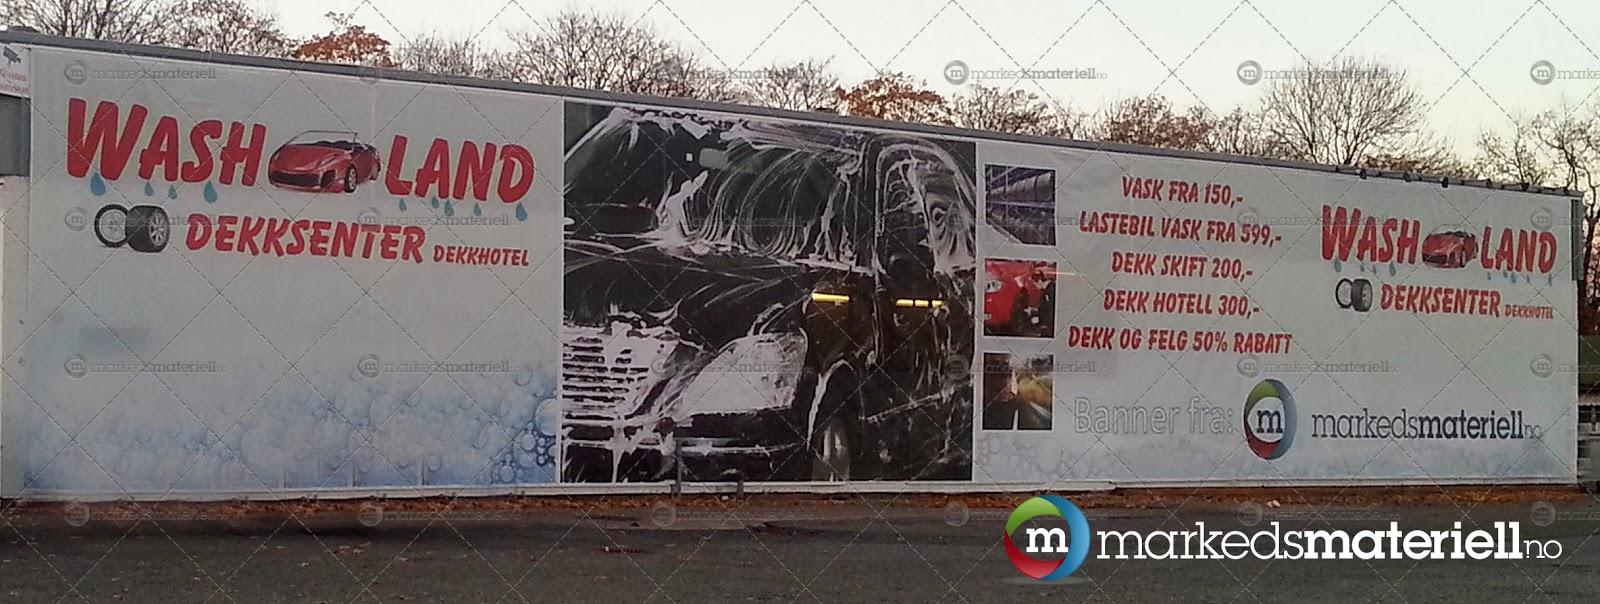 http://www.markedsmateriell.no/banner-reklameseil-og-fasadeseil